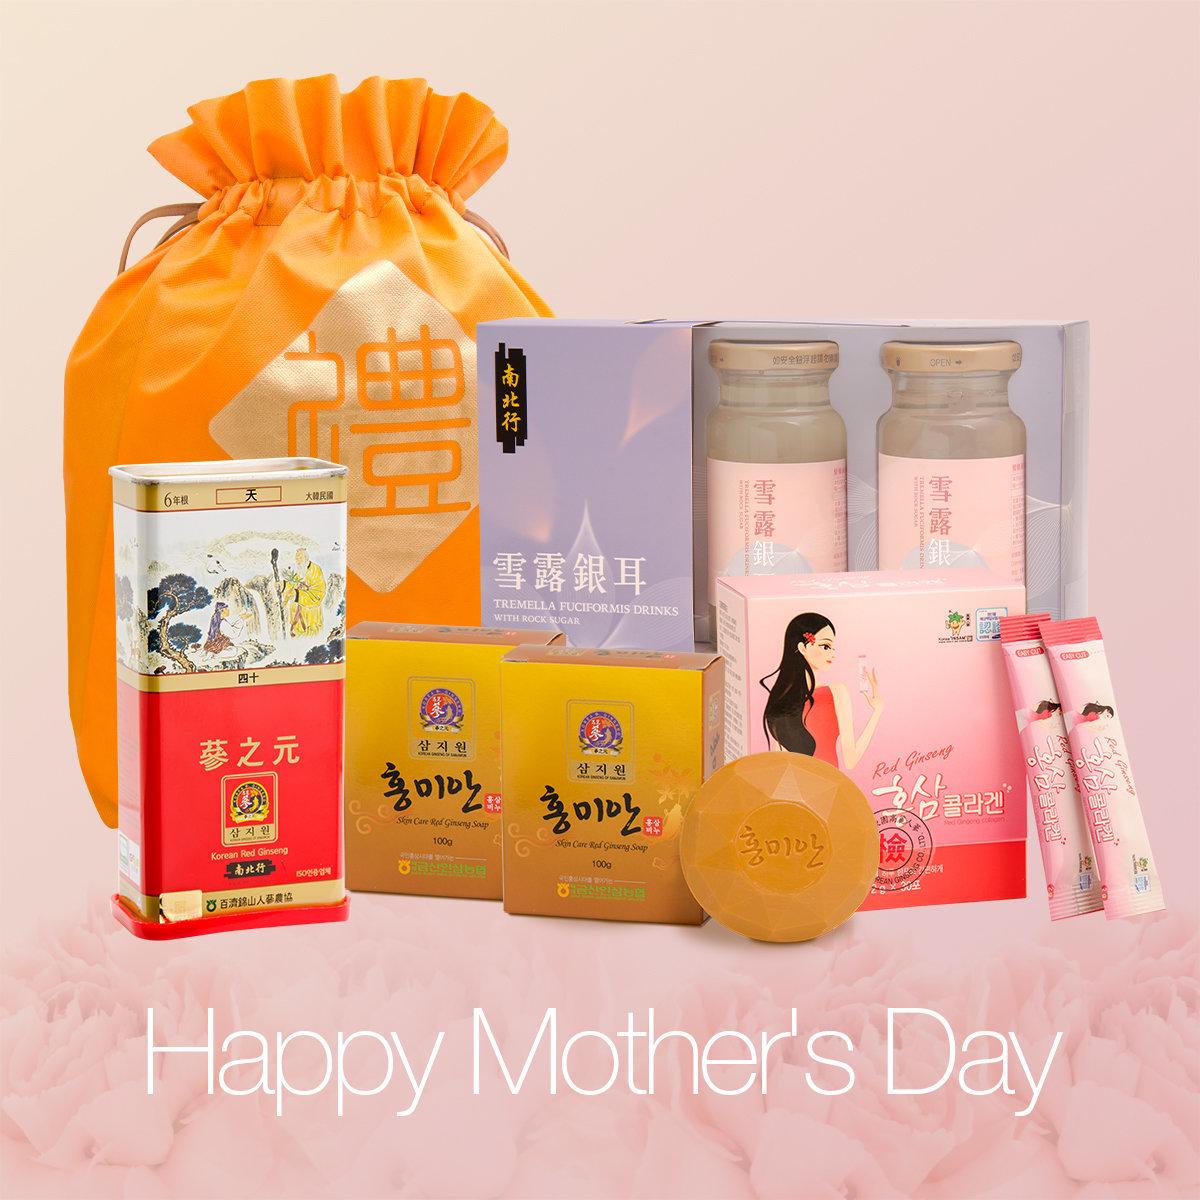 <給最愛的…> - 母親節<蔘>意包